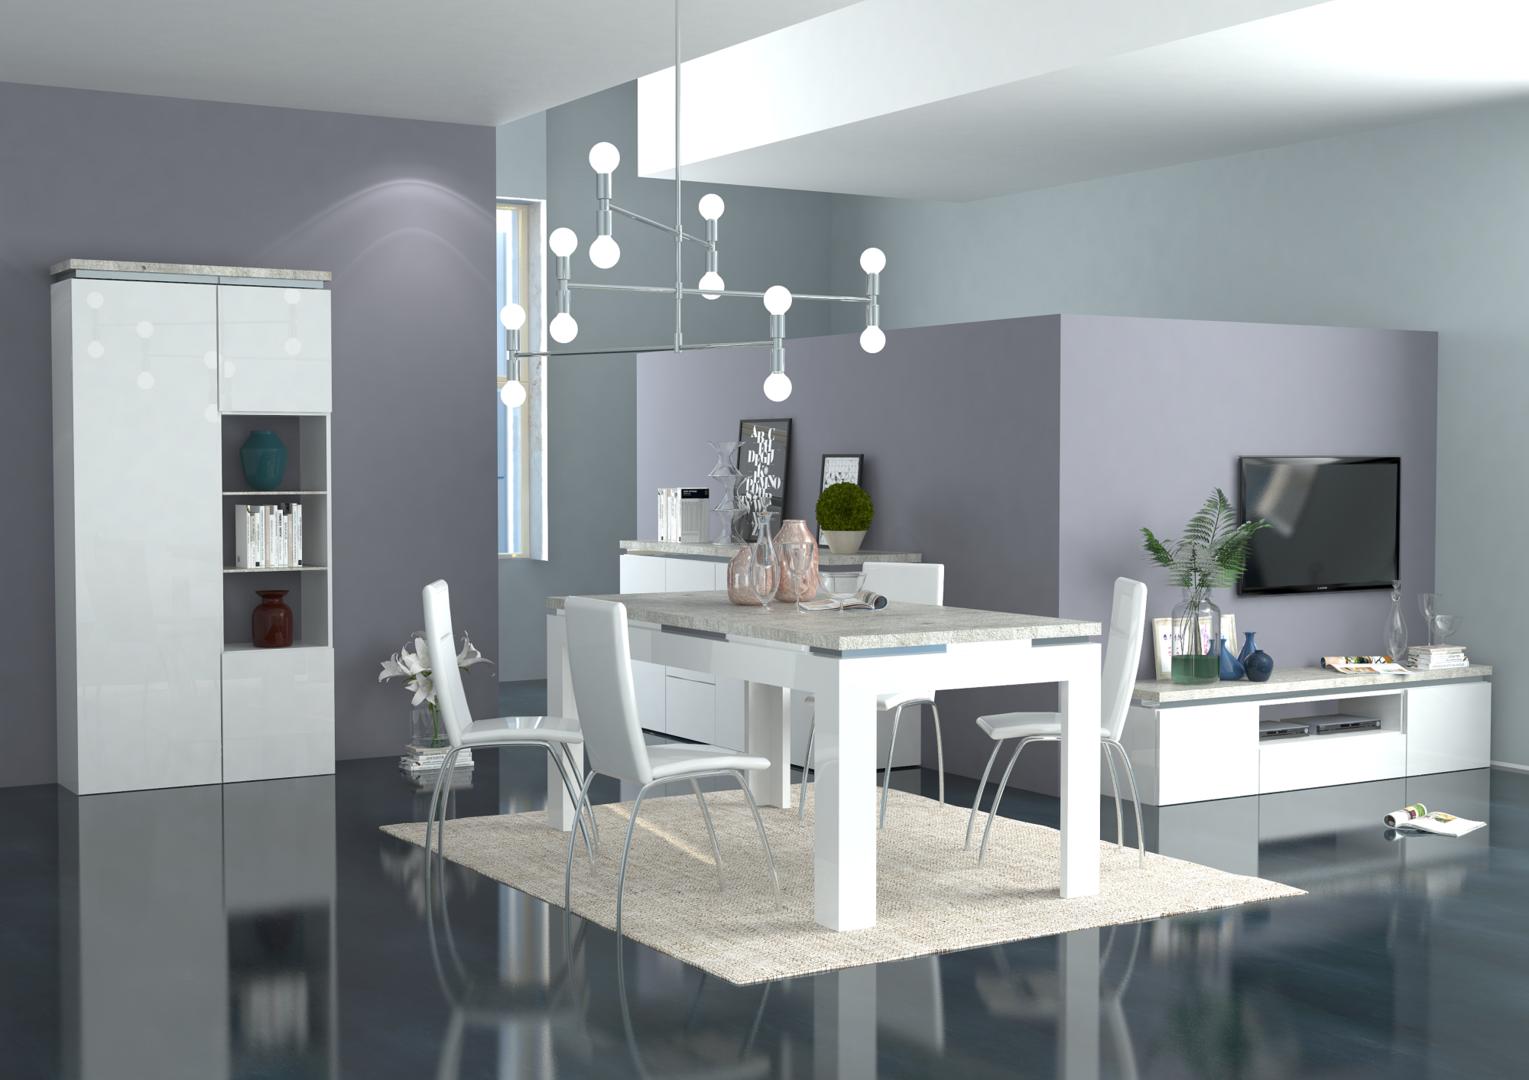 Tavolo moderno bianco messico mobile per sala da pranzo for Mobile da soggiorno moderno